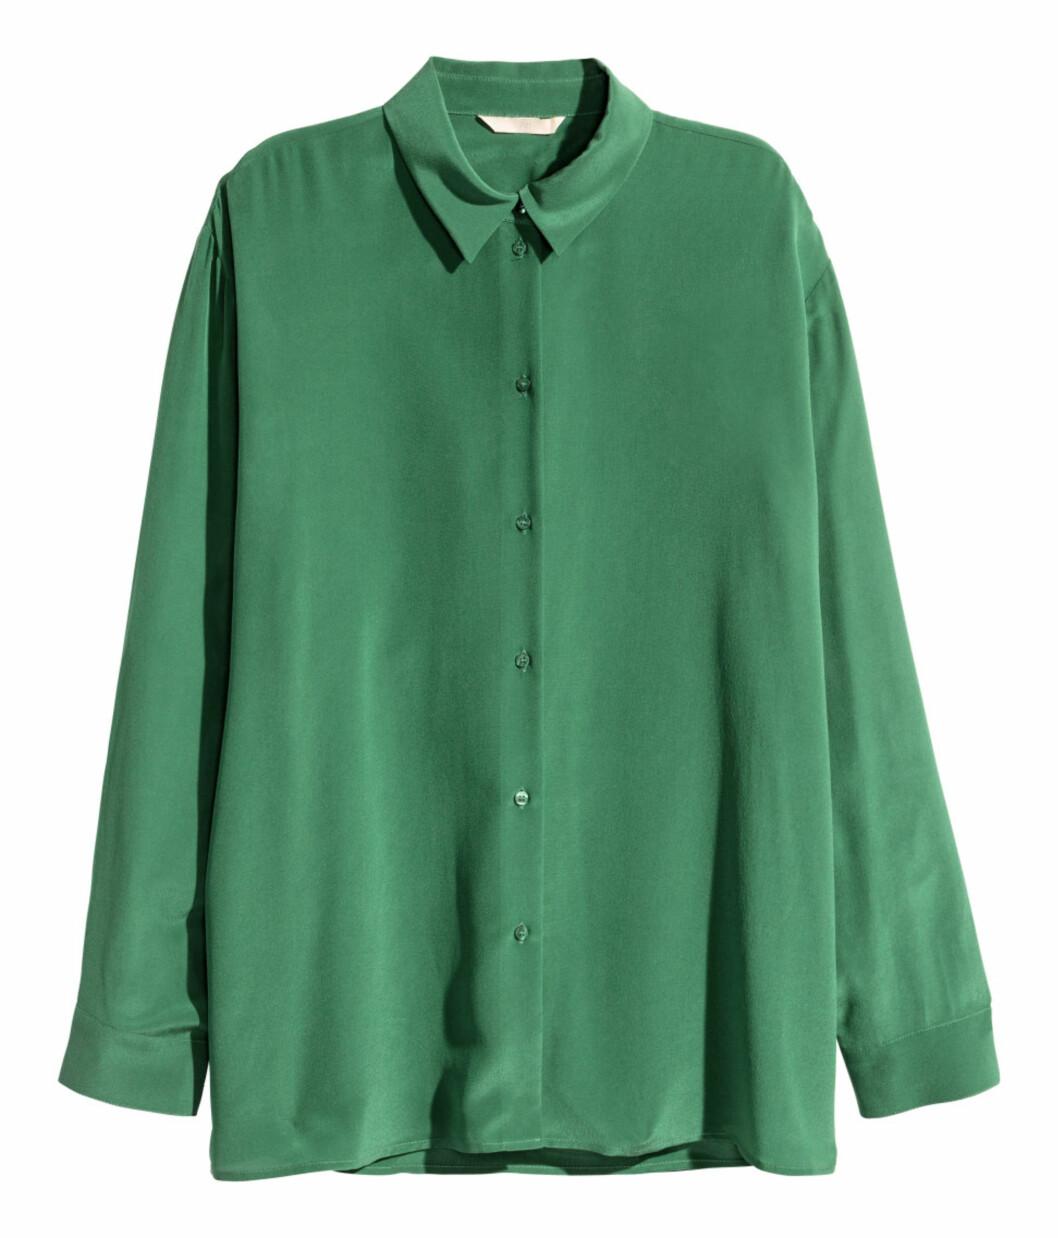 Skjorte fra H&M, kr 599. Foto: Produsenten